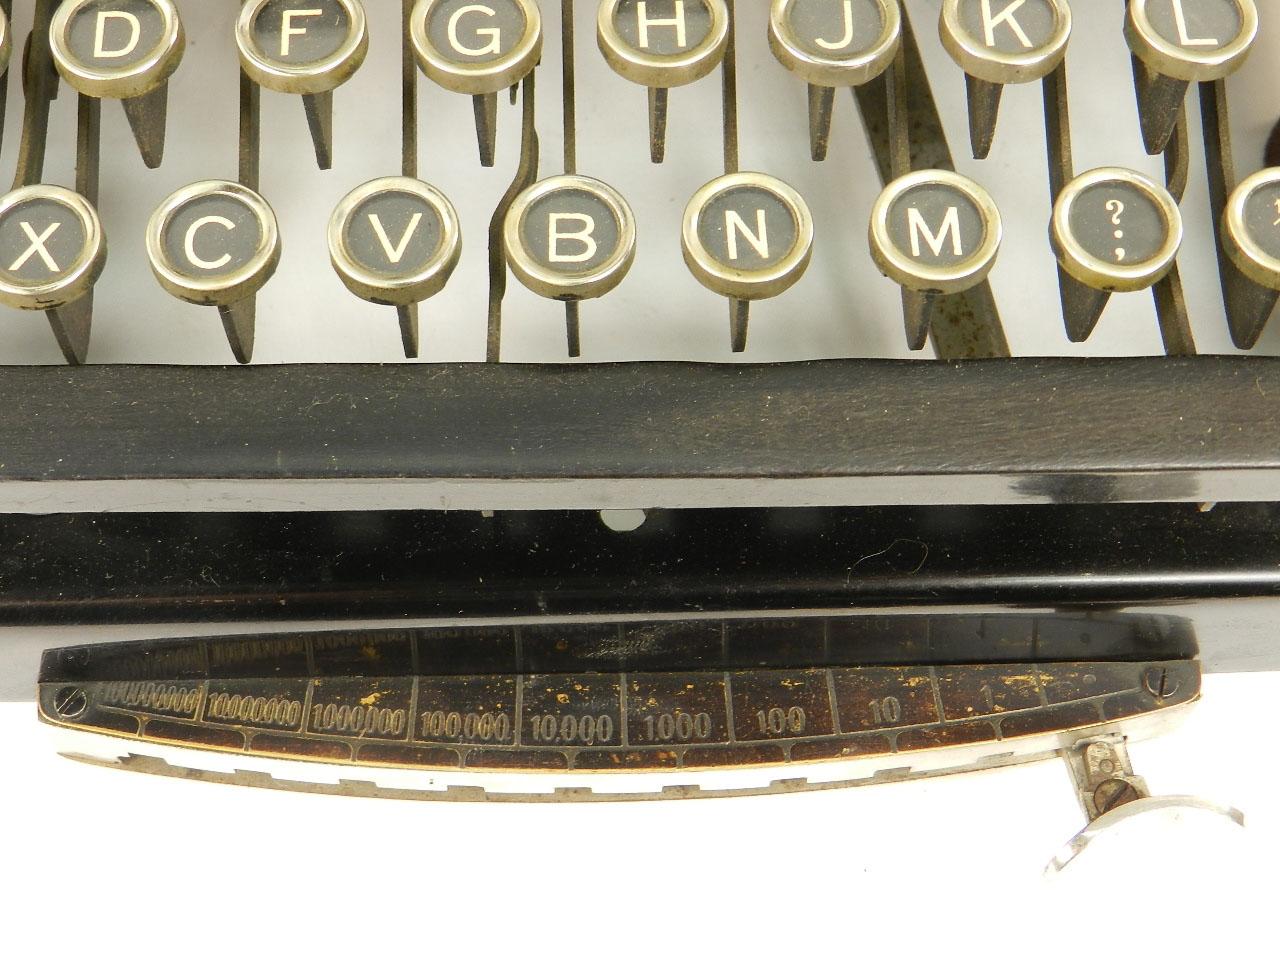 Imagen IDEAL A2 AÑO 1903 SEIDEL & NAUMANN 25940